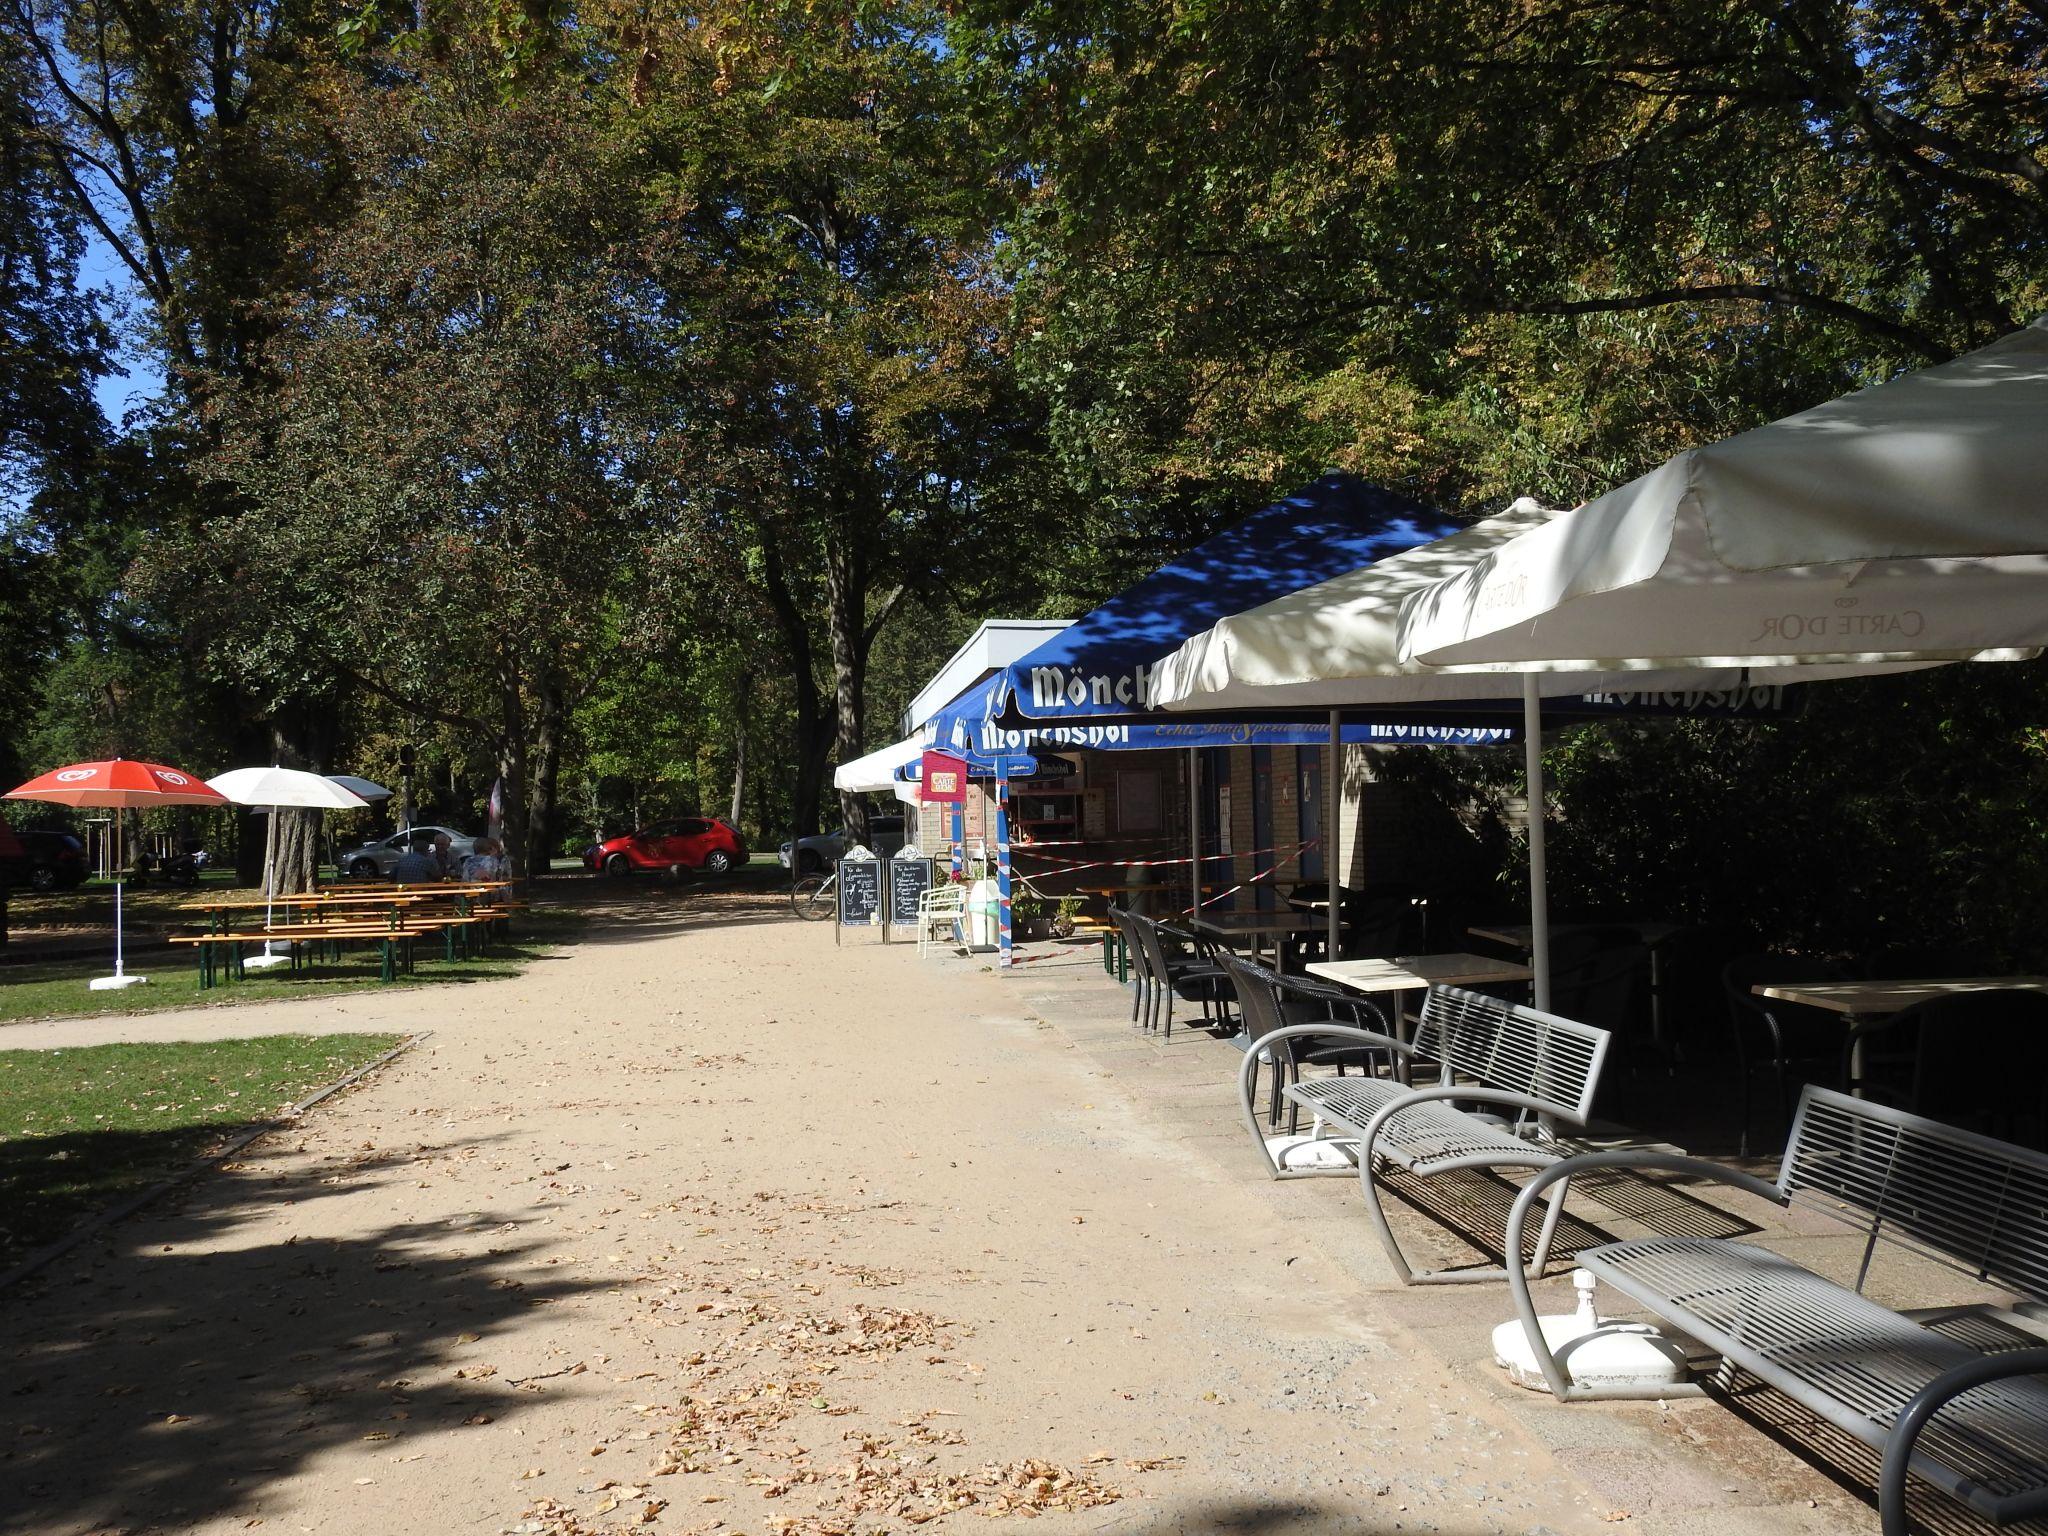 Die Nähe zum Spielplatz und die schattenspendenden Bäumen machen das Café Keks zu einem lohnenswerten Ausflugsziel für Familien und Fahrradbegeisterte. Foto: Dirk Flieger